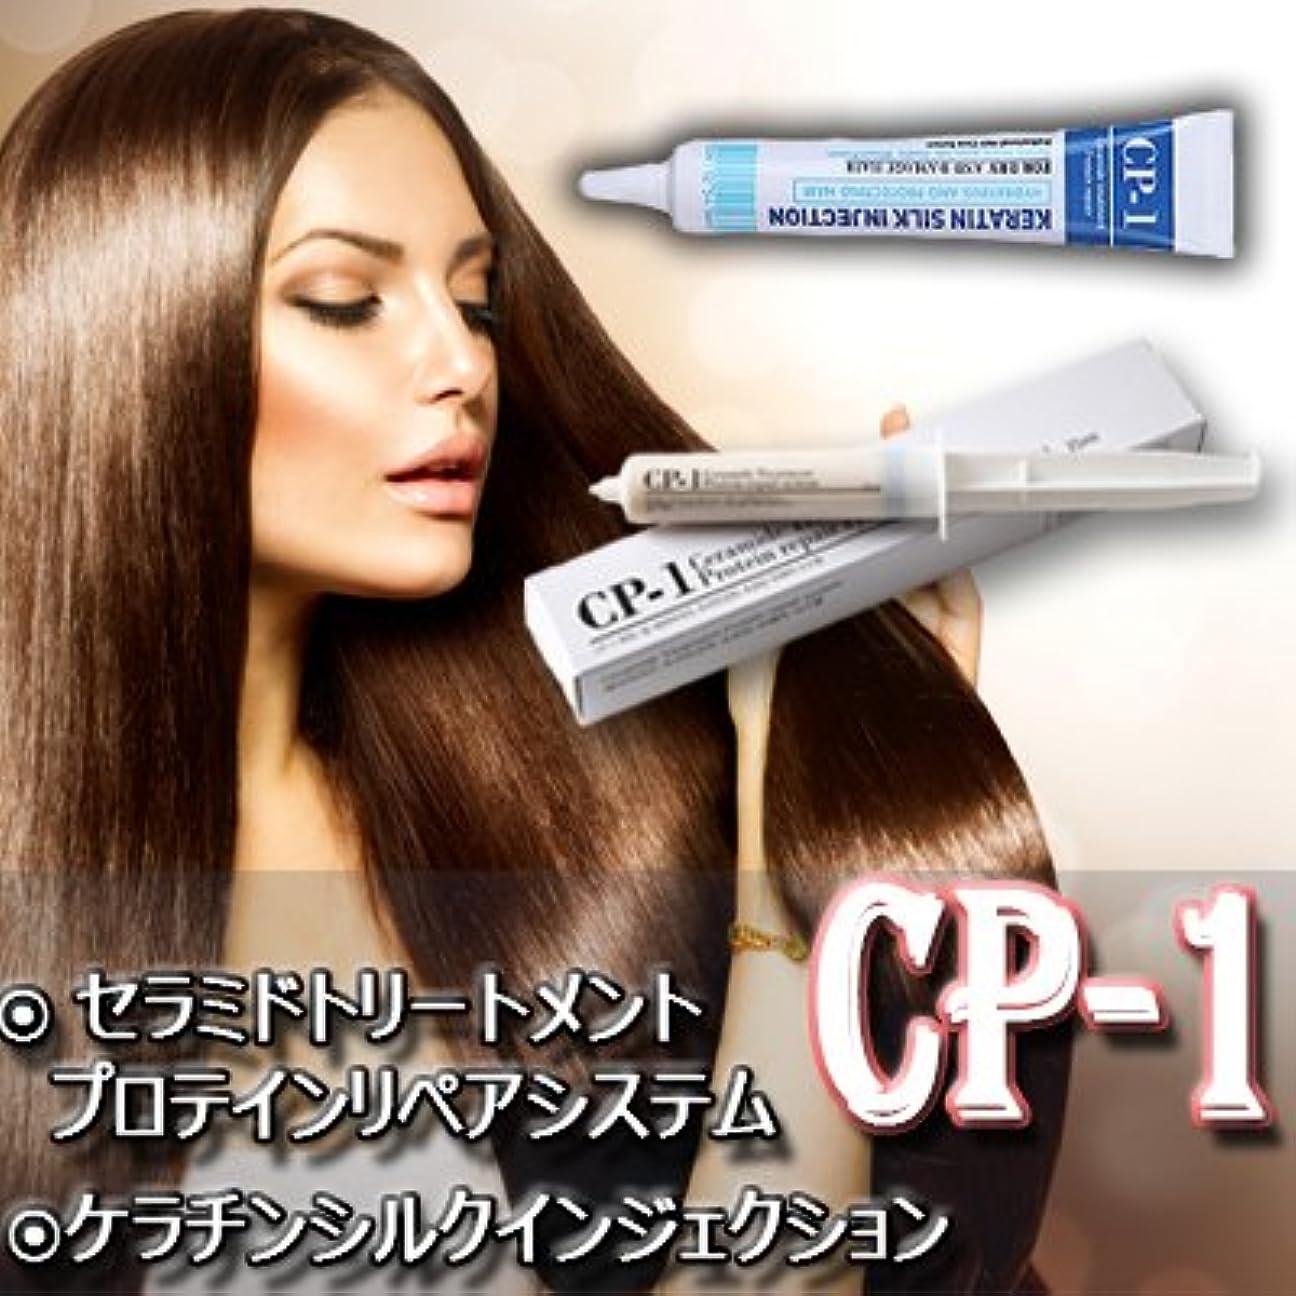 ごちそう賃金悪化させる[CP-1 Keratin 10pcs 1タンパク質アンプル] 洗いながすことなく塗るだけOK!毎日使用してください!【10個入り】